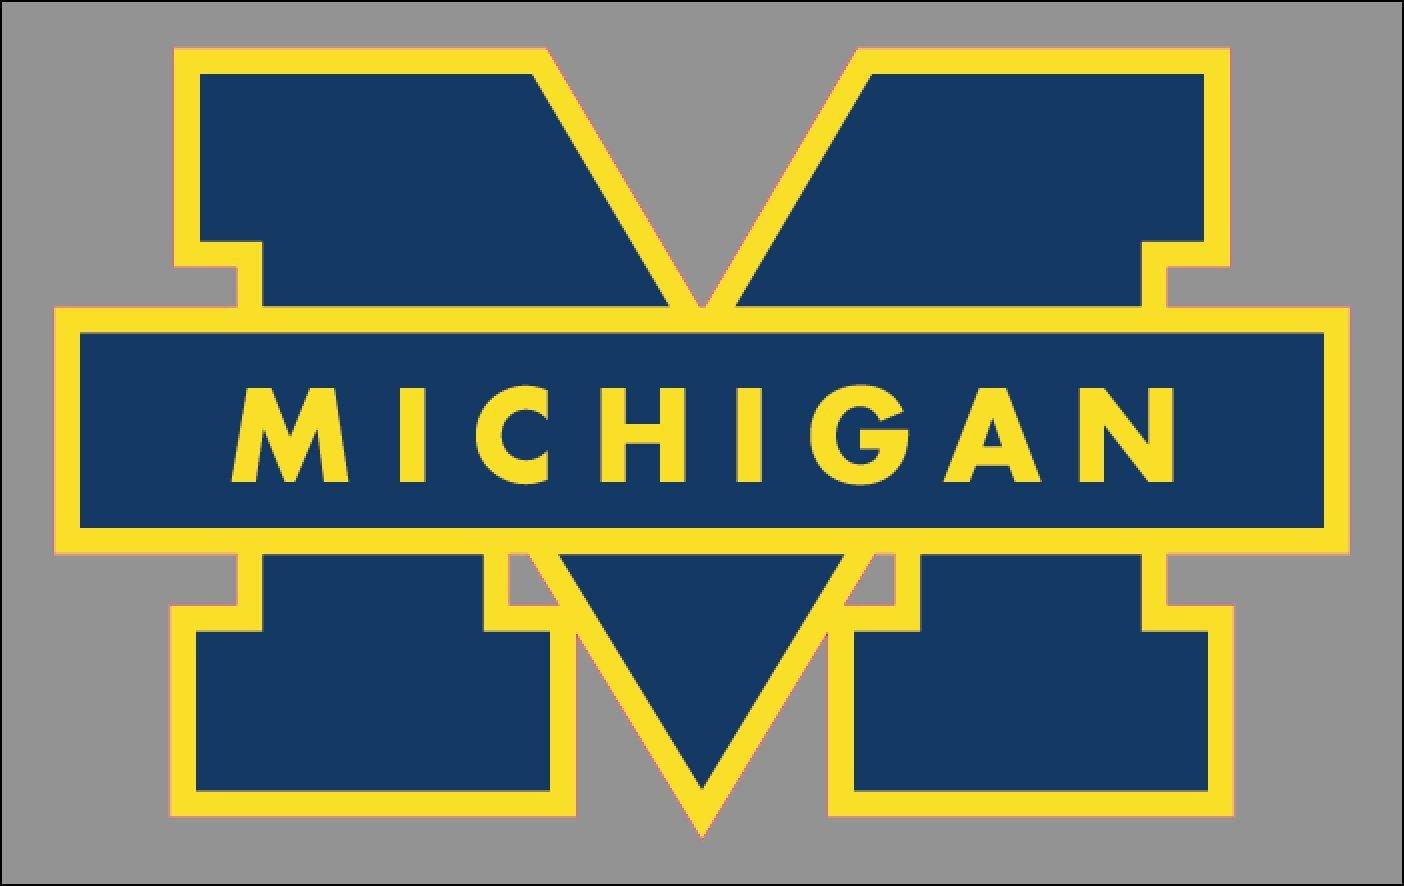 【通販激安】 Michigan Wolverinesビニールデカール| 9 9 inトラックロゴエンブレムWindowsノートパソコン|ミシガン州新しいスキン。 B07F21H5NS B07F21H5NS, ヘムリーベット:719668fe --- a0267596.xsph.ru